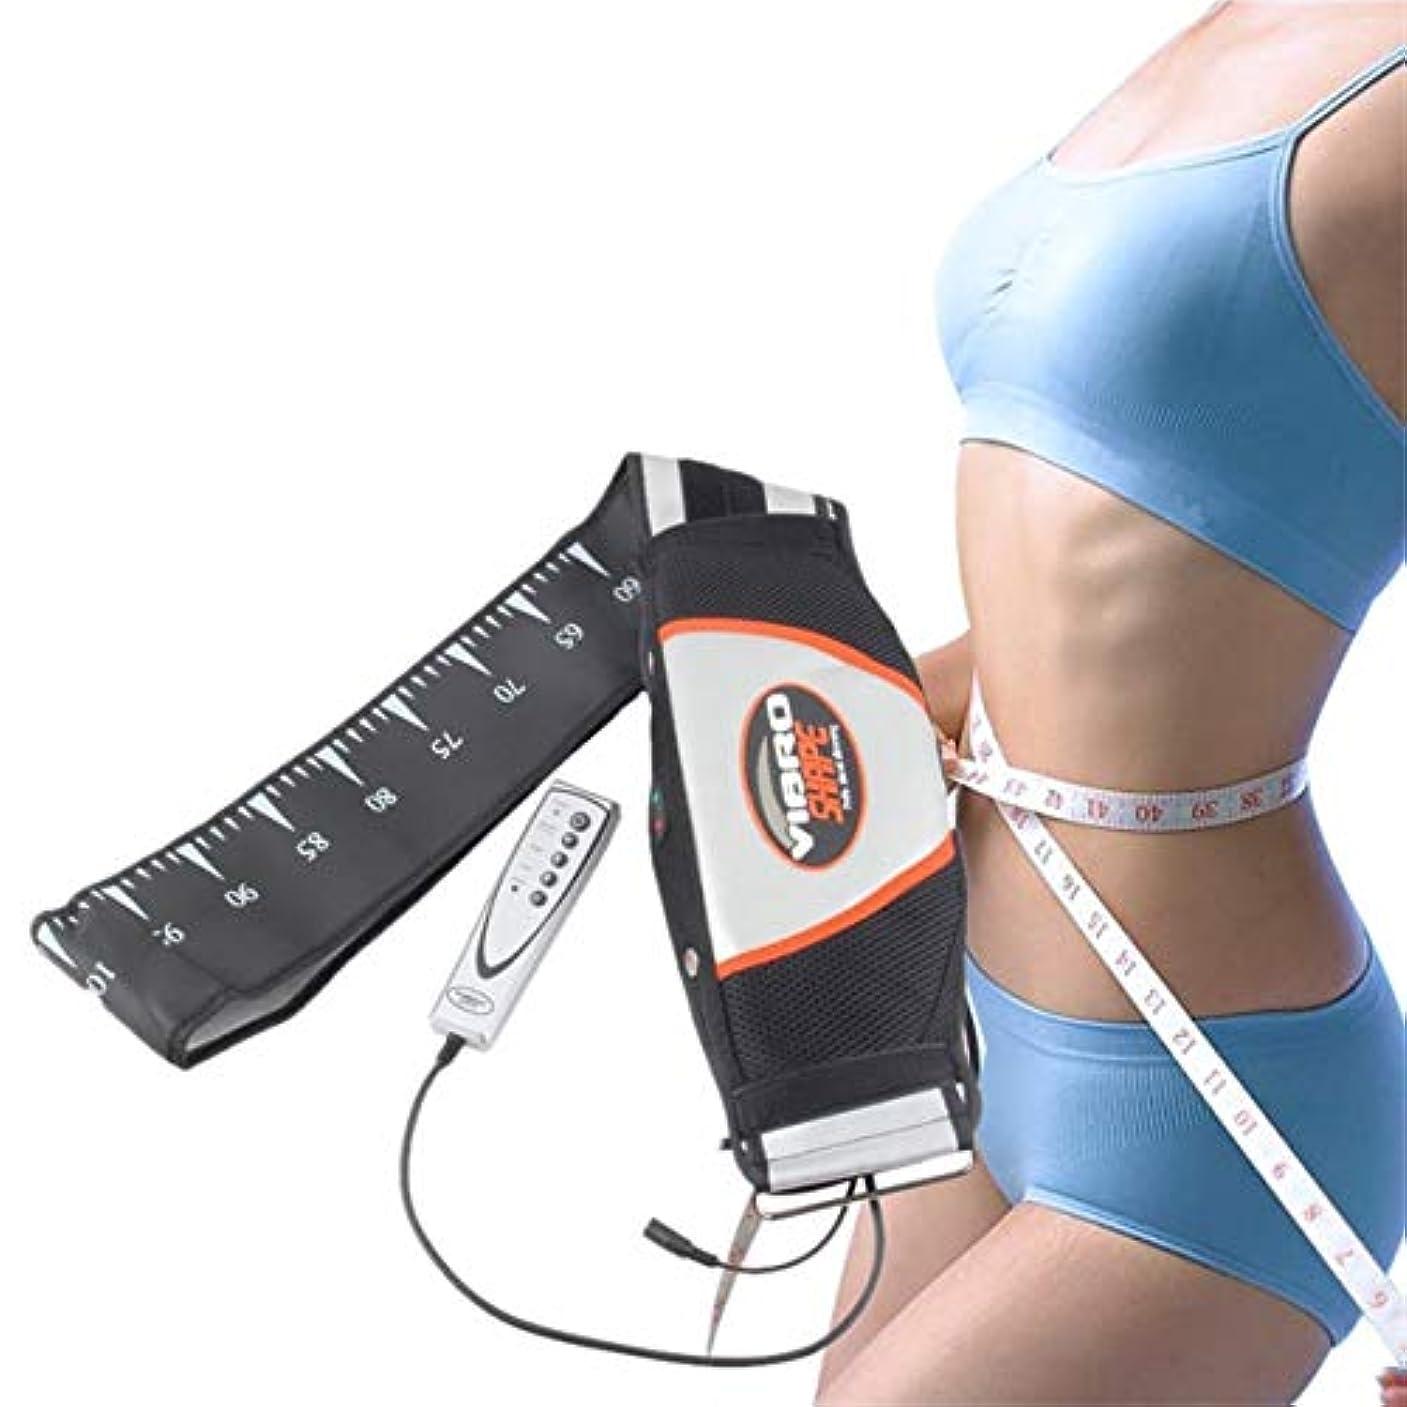 ハーブテープディーラーPowerful Electric Vibrating Slimming Belt Vibration Massage Belt Relax Tone Vibrating Fat Burning Weight Losing...